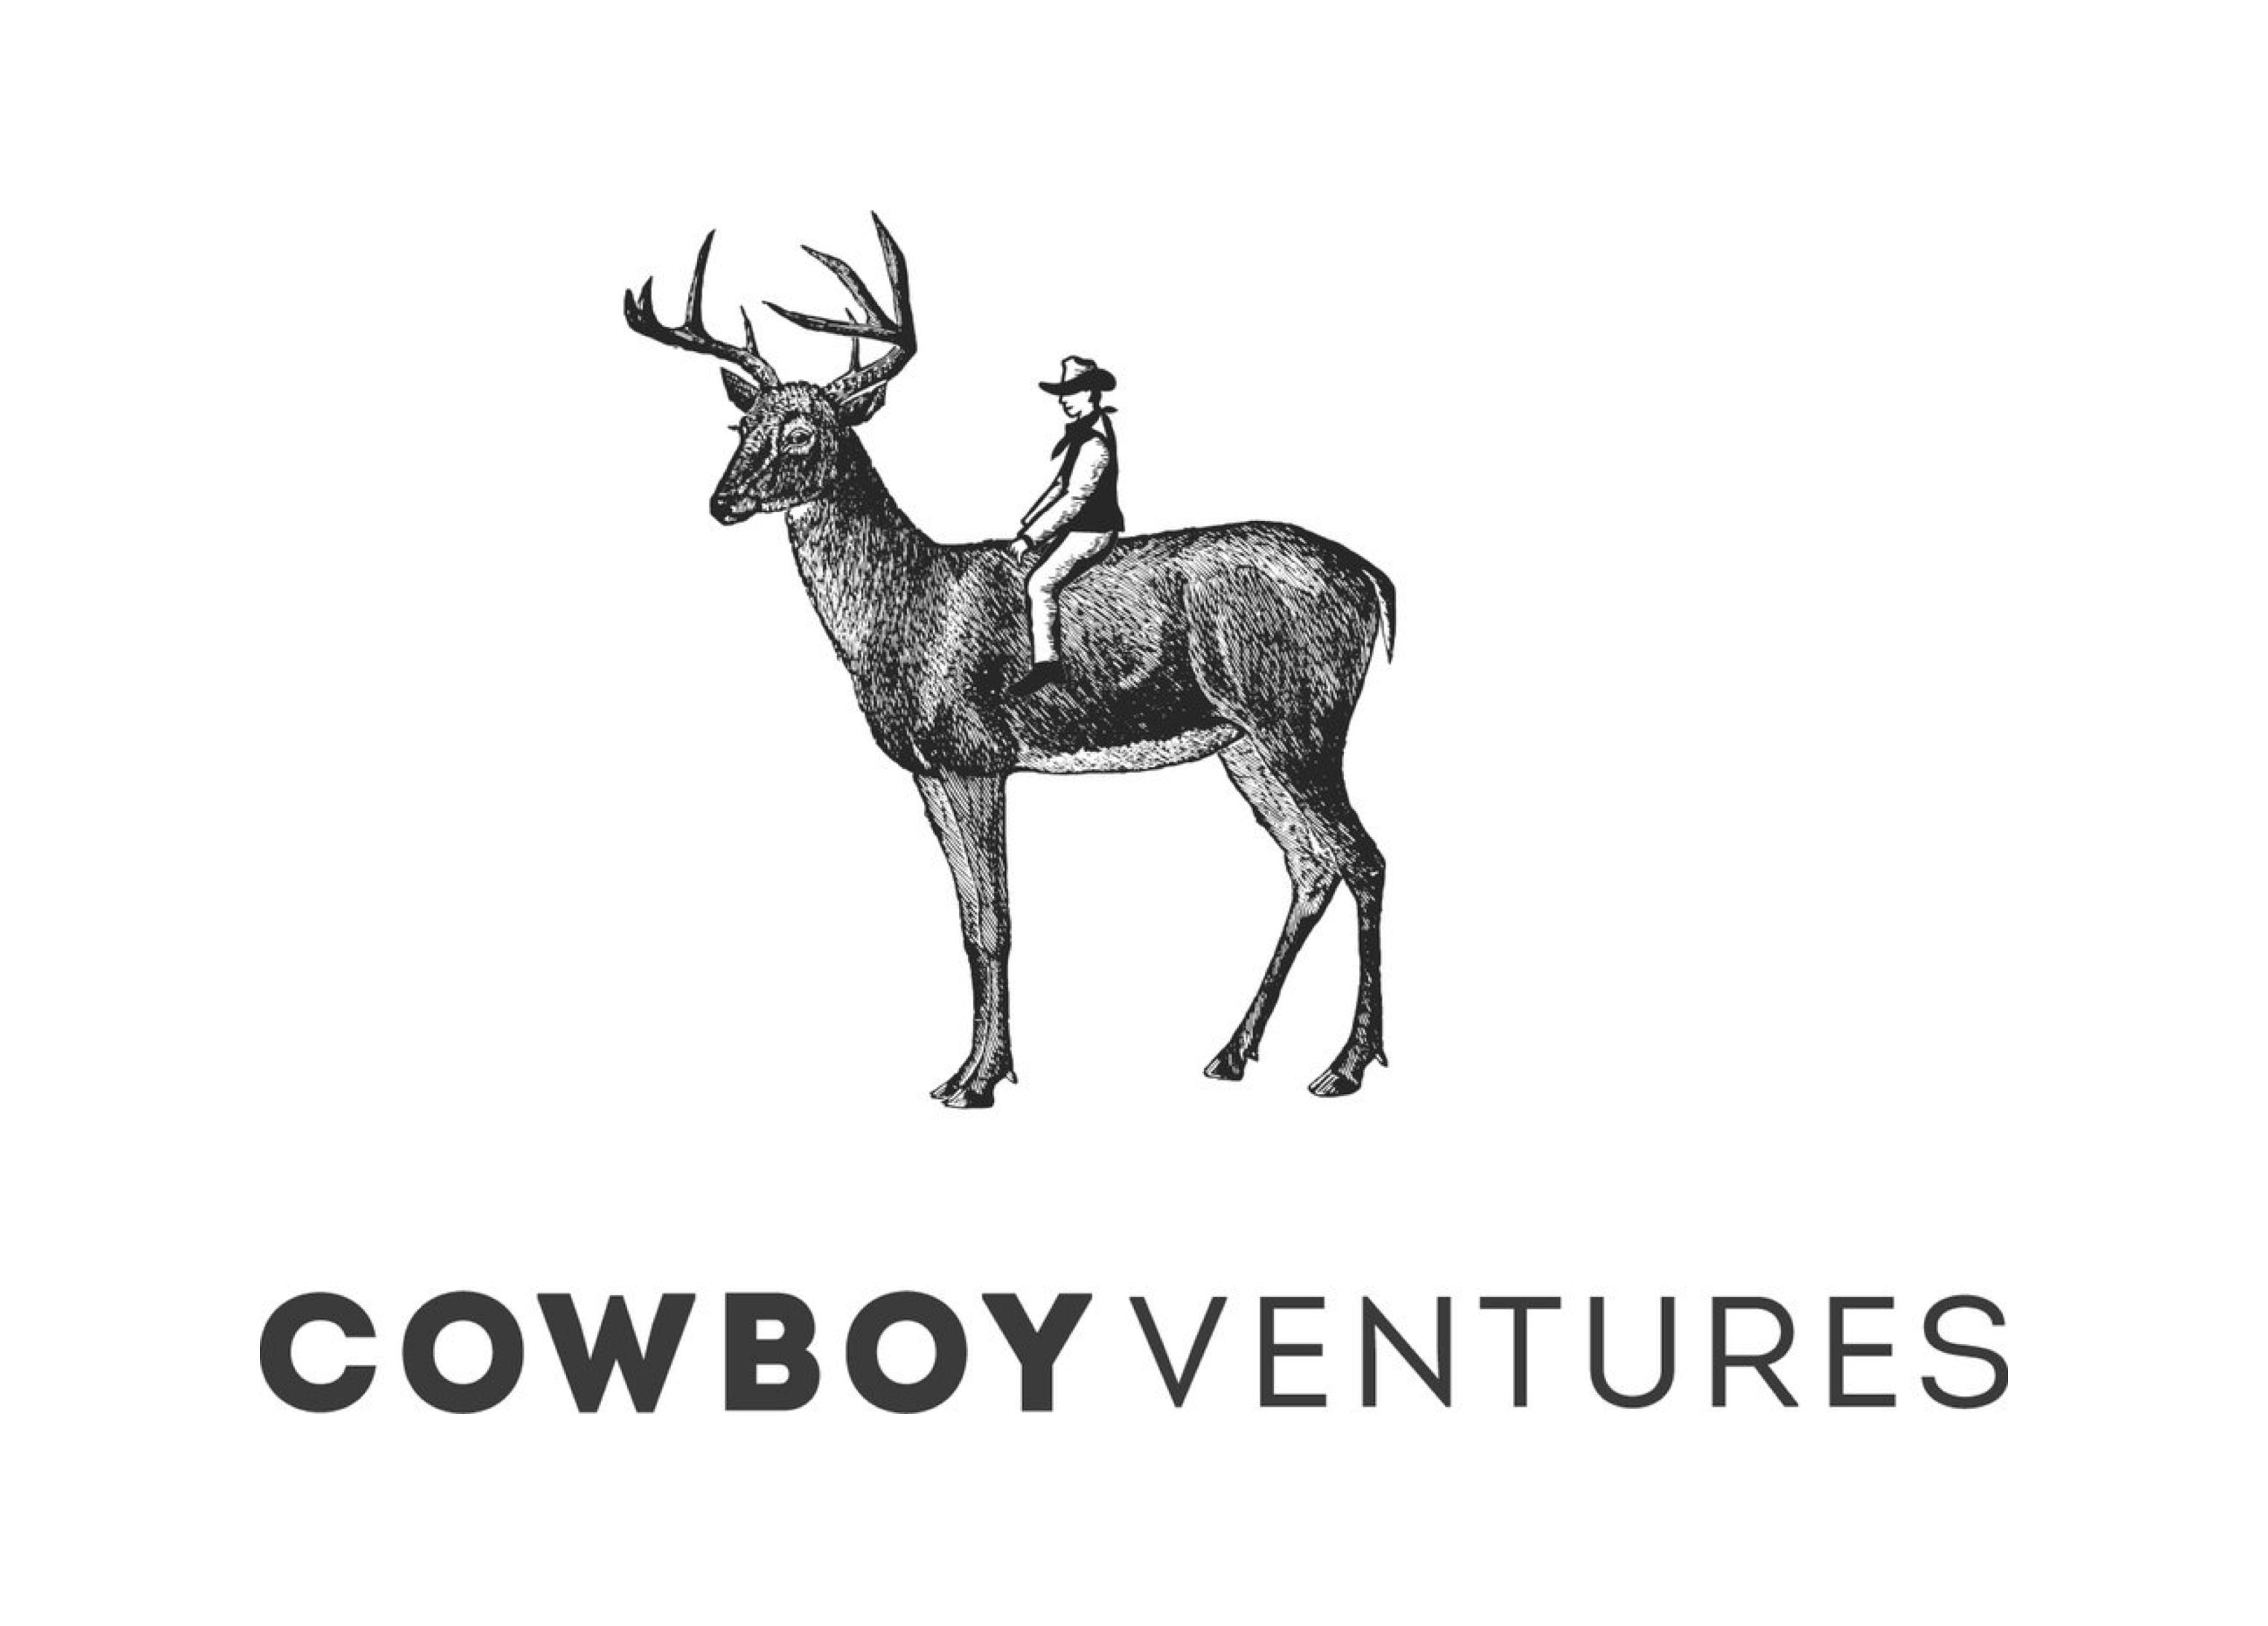 Cowboy Ventures company logo